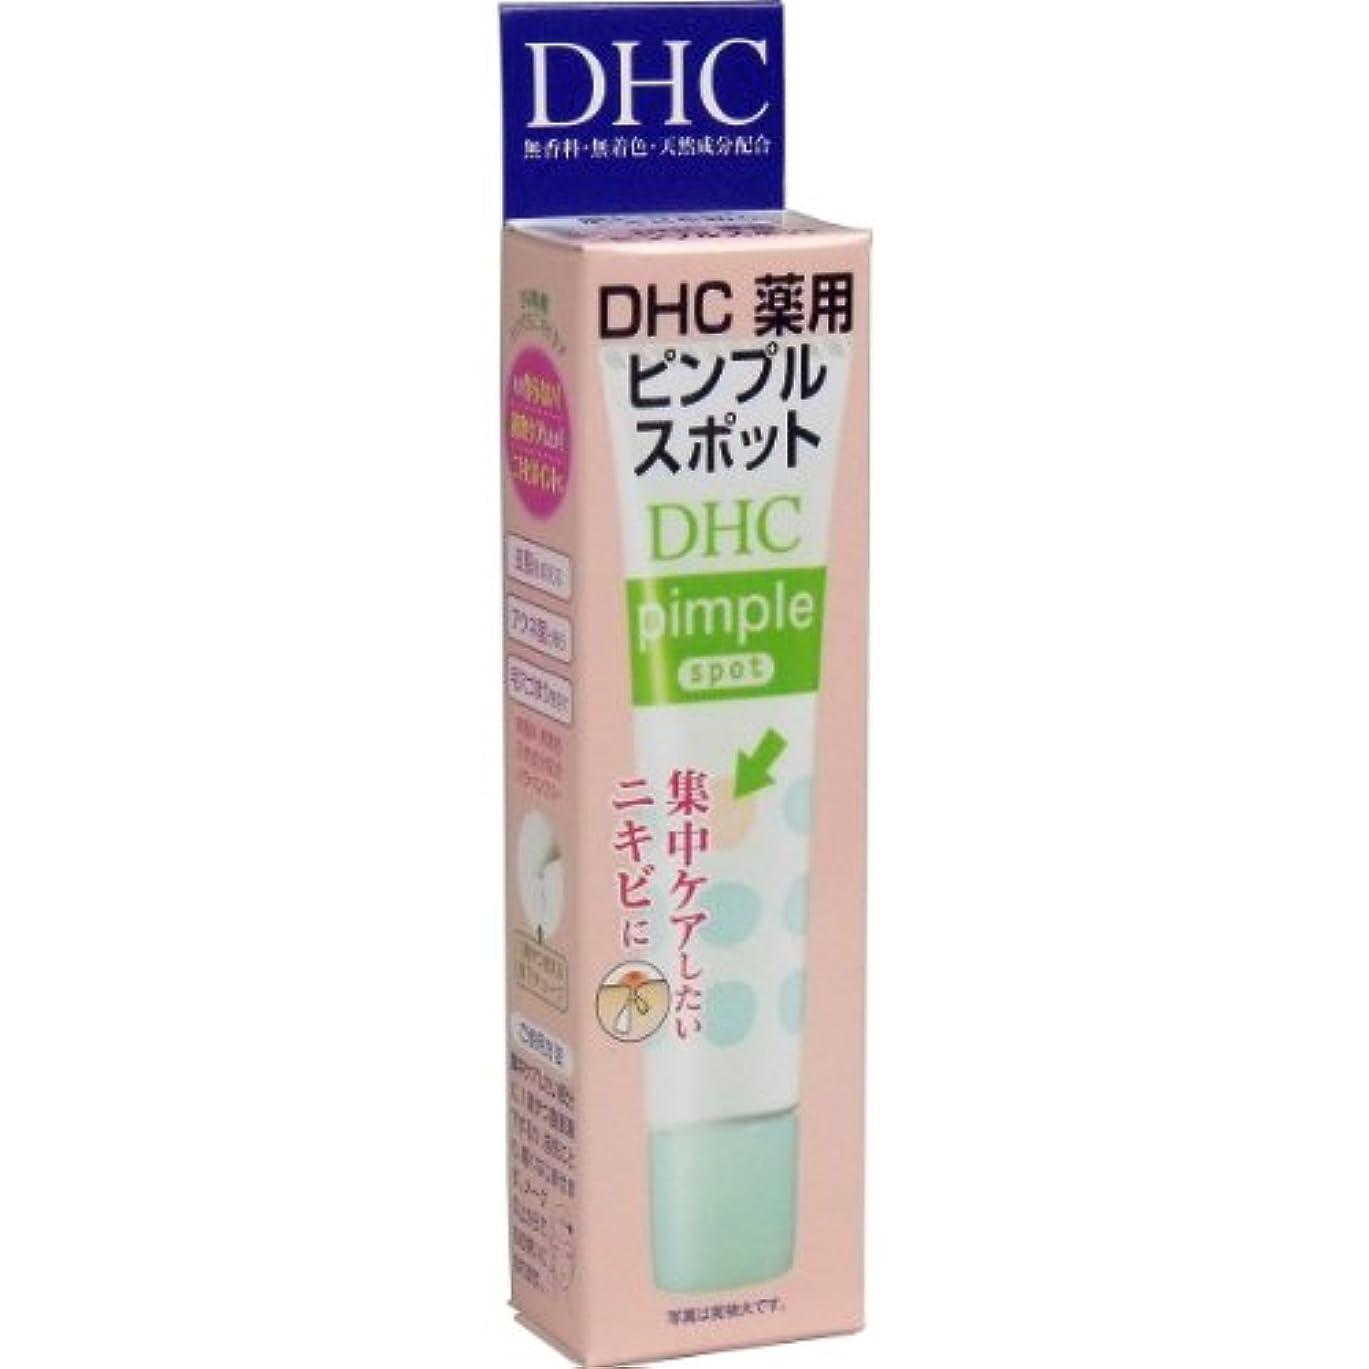 雄弁な嵐の診断するDHC 薬用ピンプルスポット 15ml